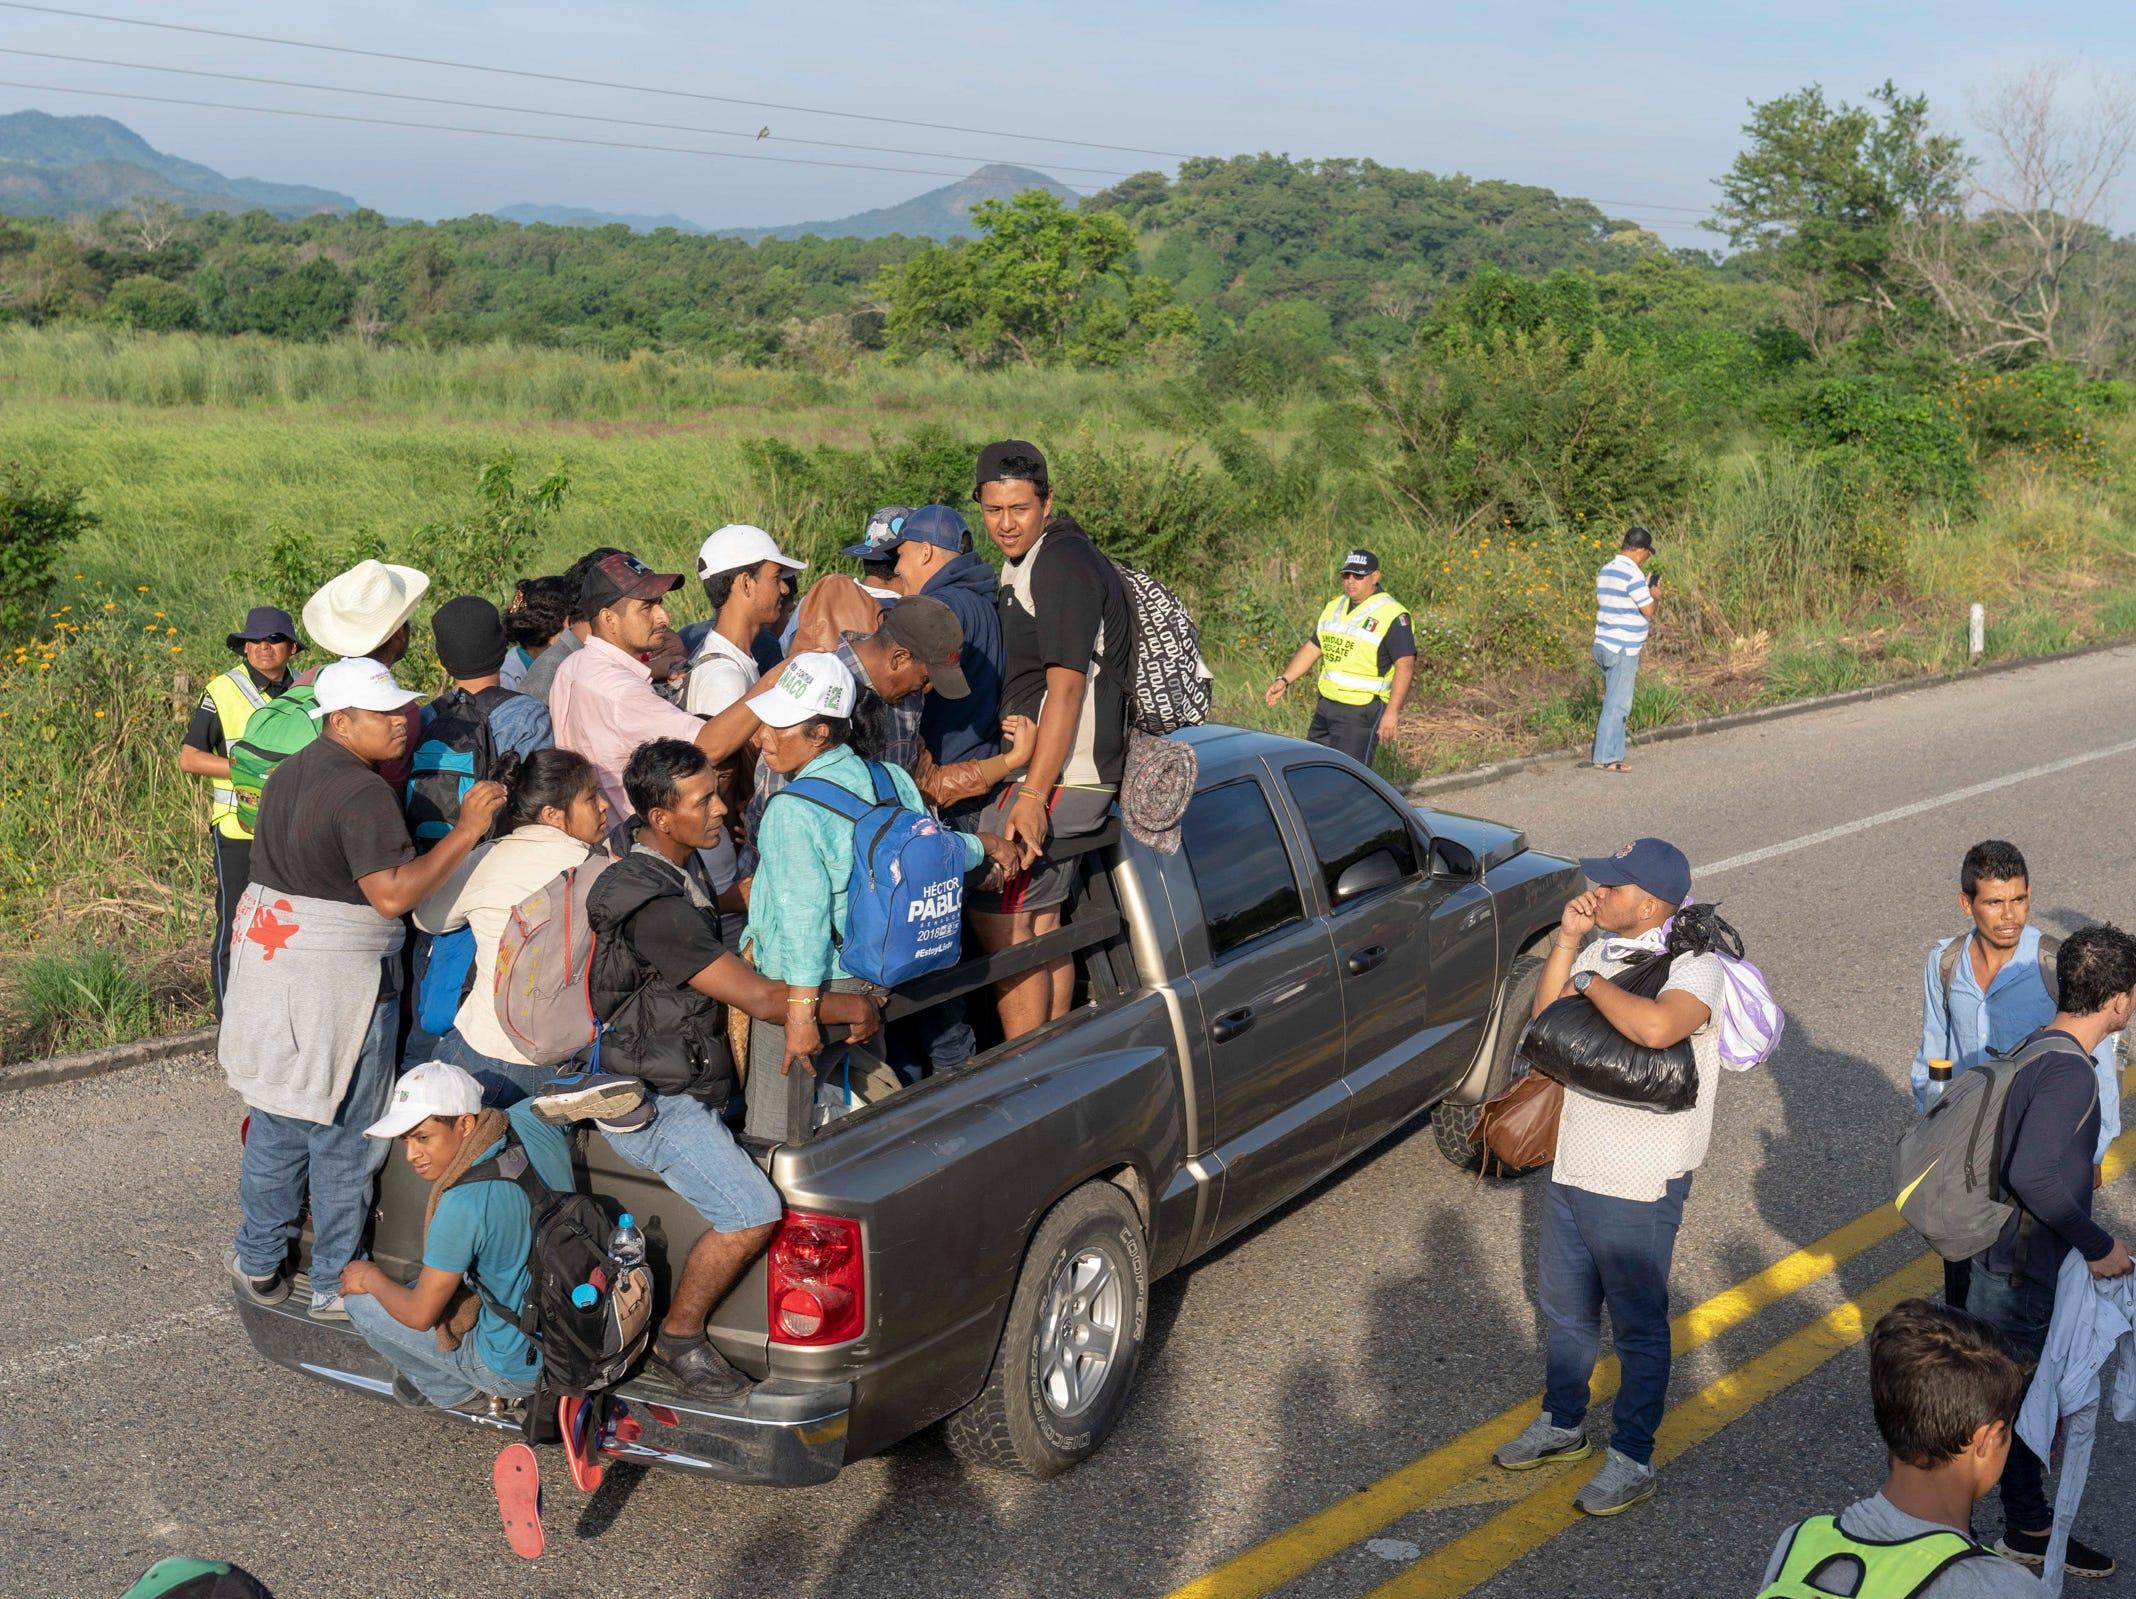 El multipremiado reportero gráfico de USA Today, The Arizona Republic y La Voz, Nick Oza, ha acompañado la caravana migrante desde Guatemala hasta México. Aquí te presentamos algunas de las mejores imágenes captadas por su lente en su andar por Guatemala, El Salvador y México.